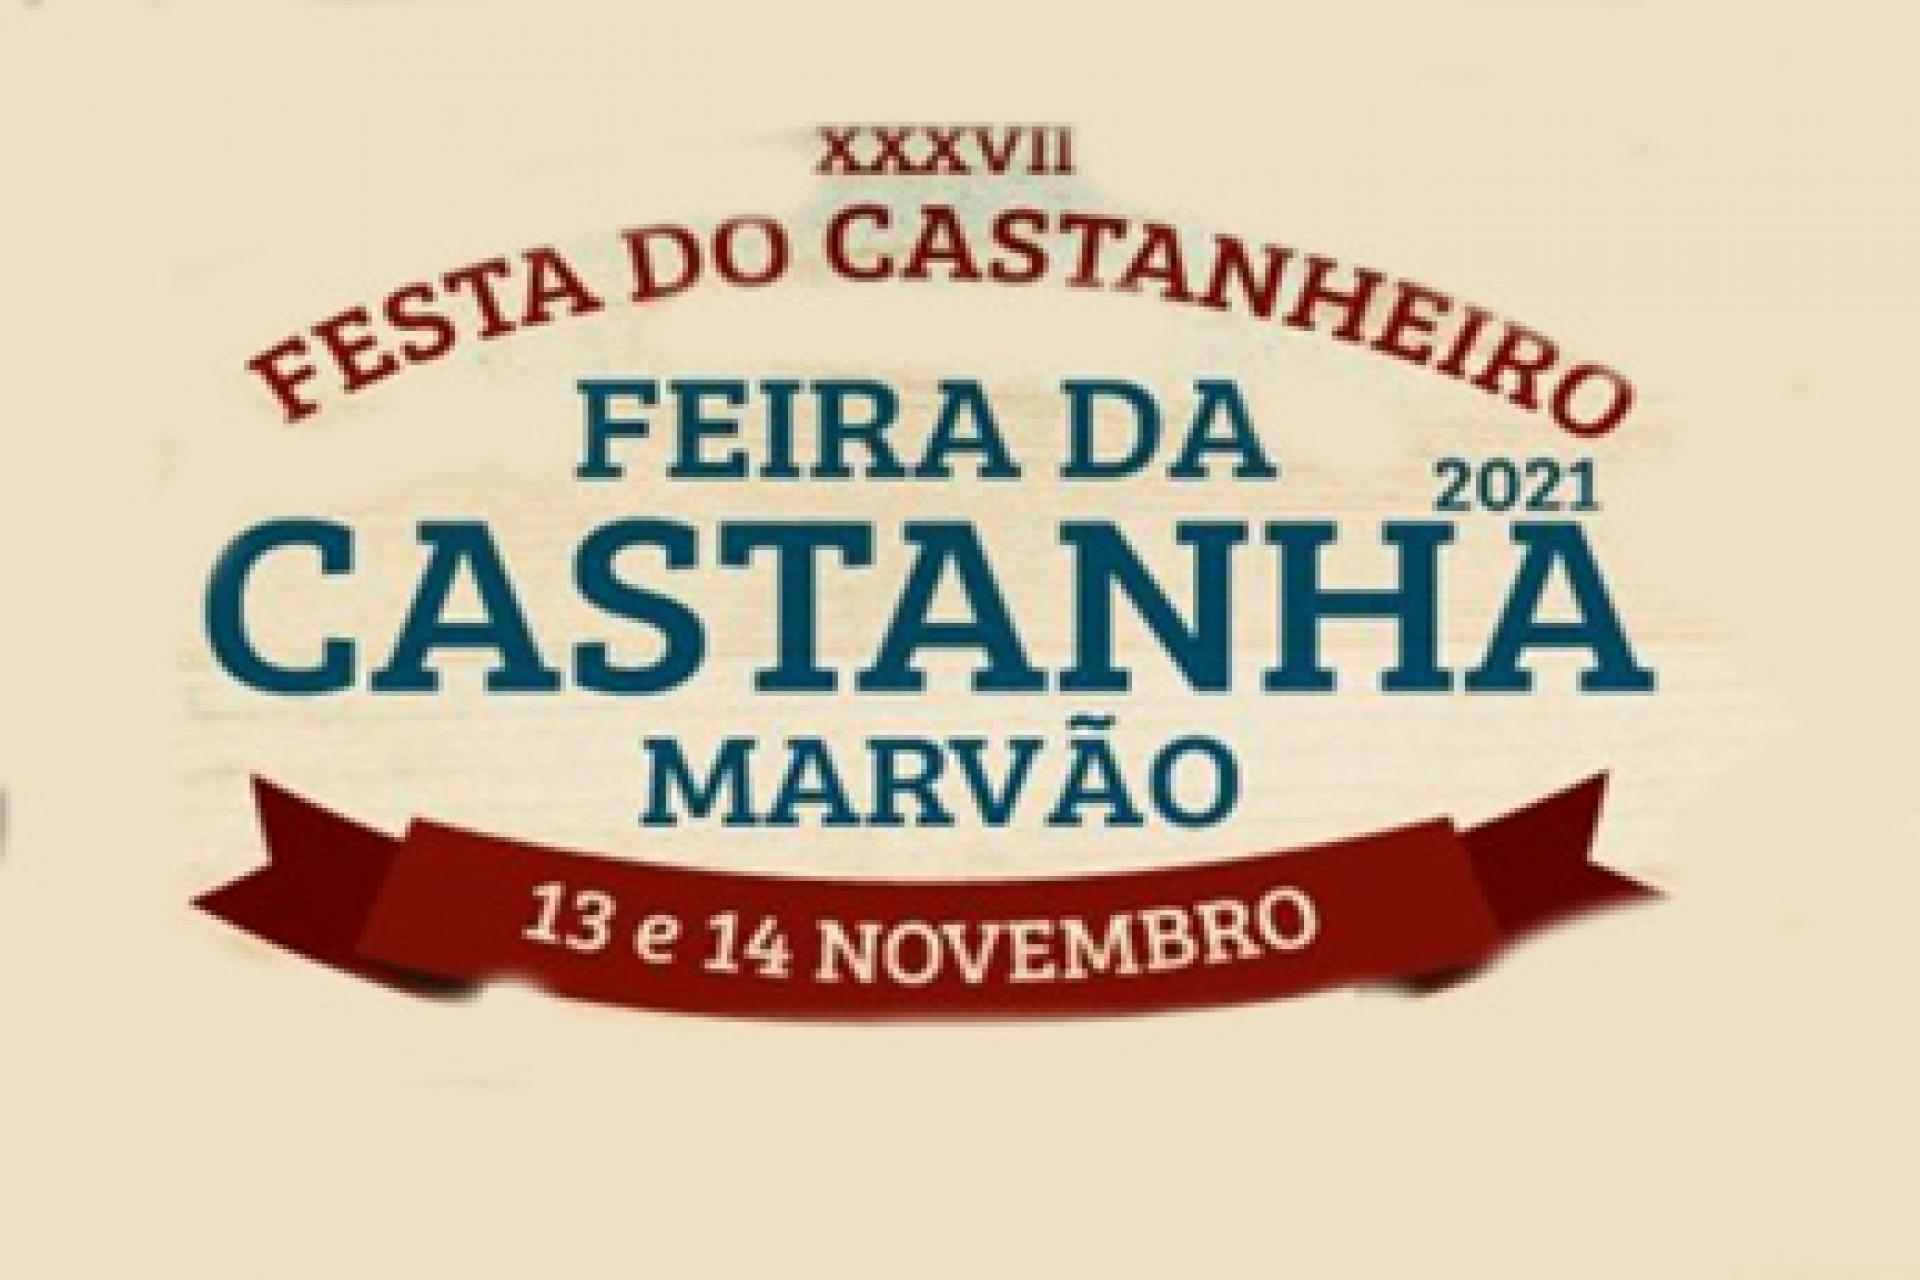 XXXVII FEIRA DA CASTANHA - FESTA DO CASTANHEIRO